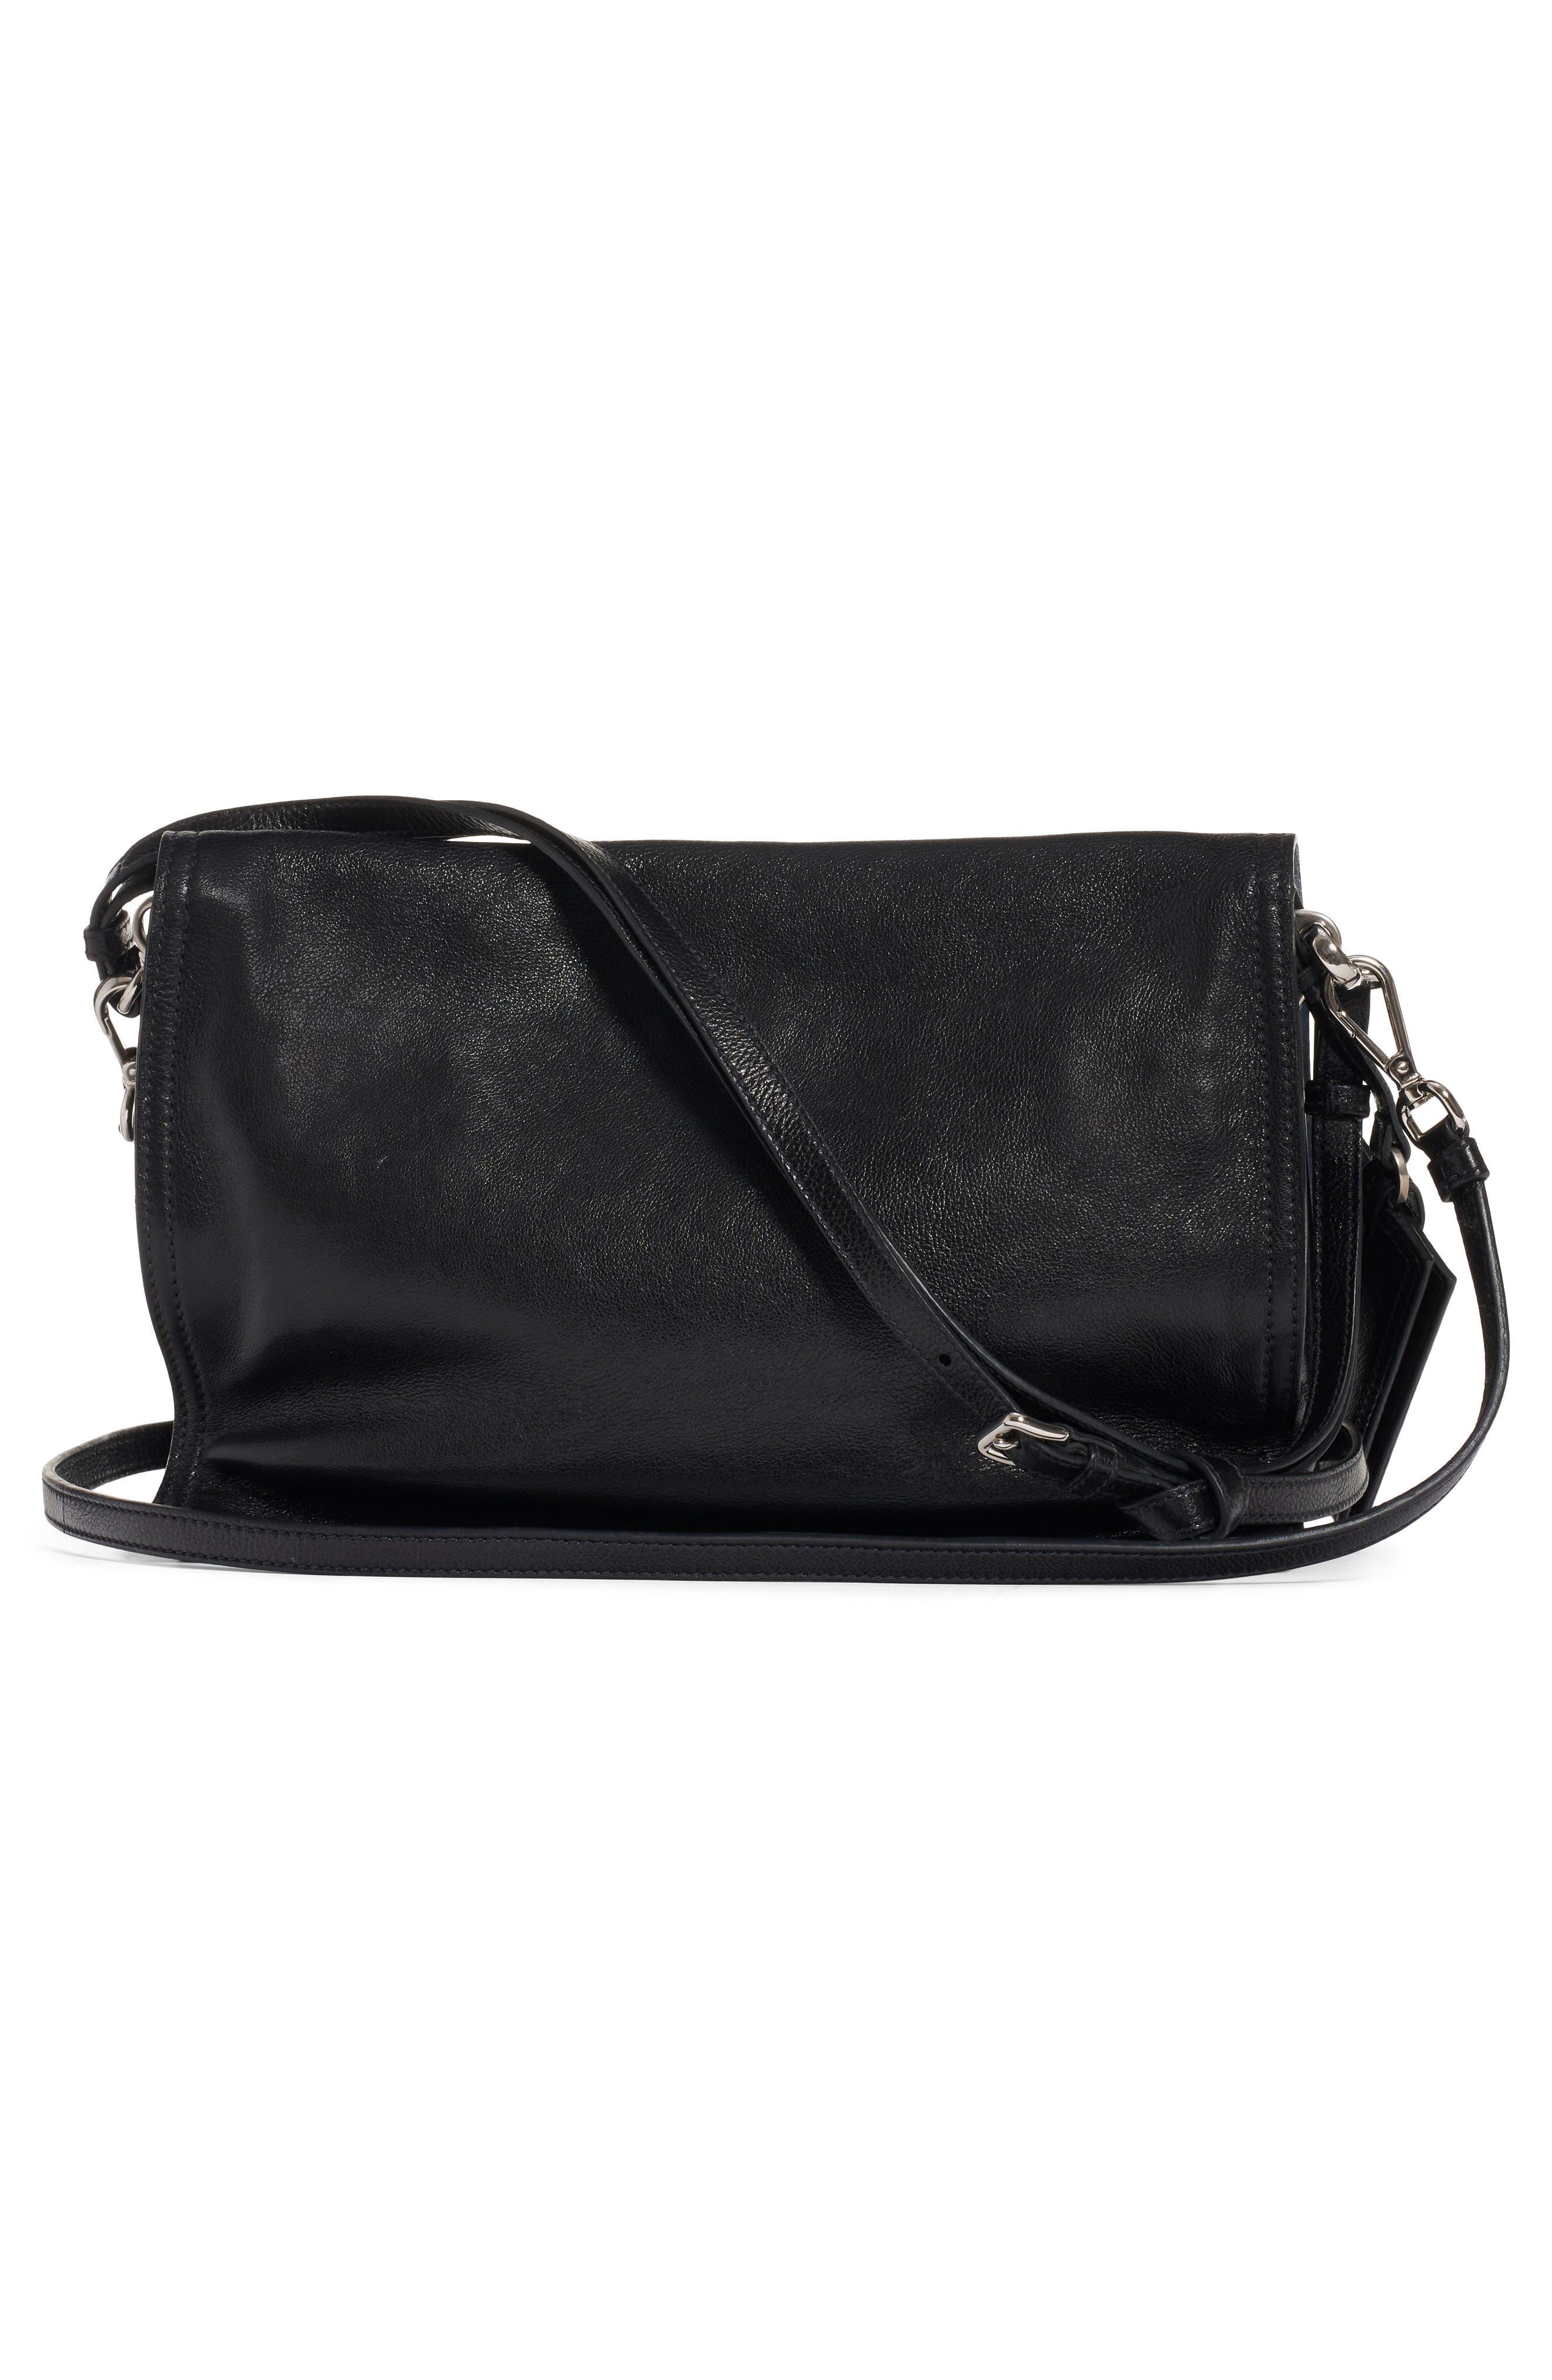 PRADA,                             Medium Etiquette Shoulder Bag,                             Alternate thumbnail 3, color,                             NERO/ ASTRALE